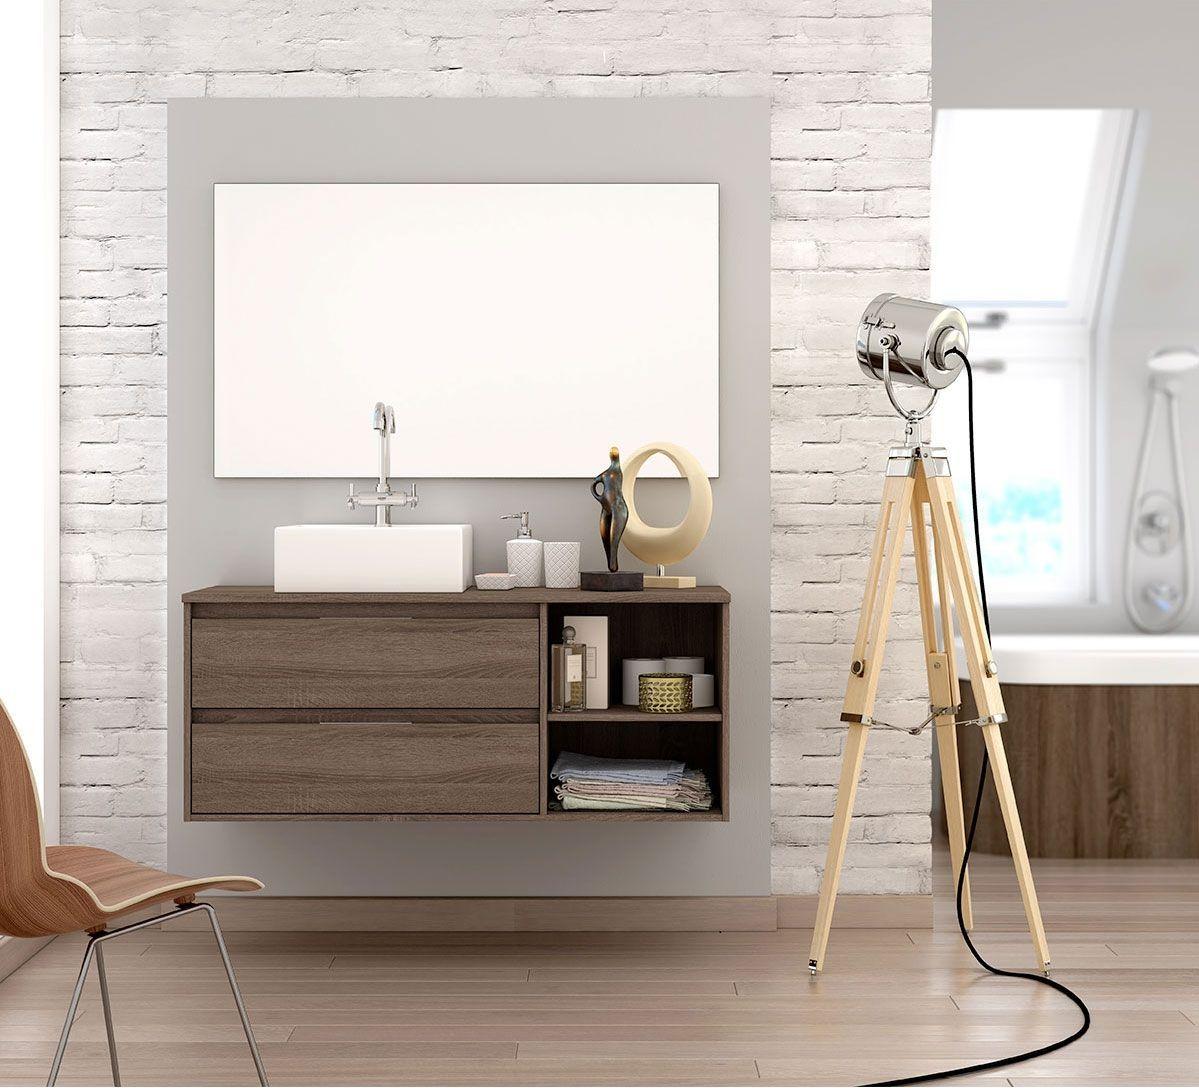 Conjunto Mueble De Ba O Mural 120cm 2 Cajones 2 Estantes  # Neat Muebles Merida